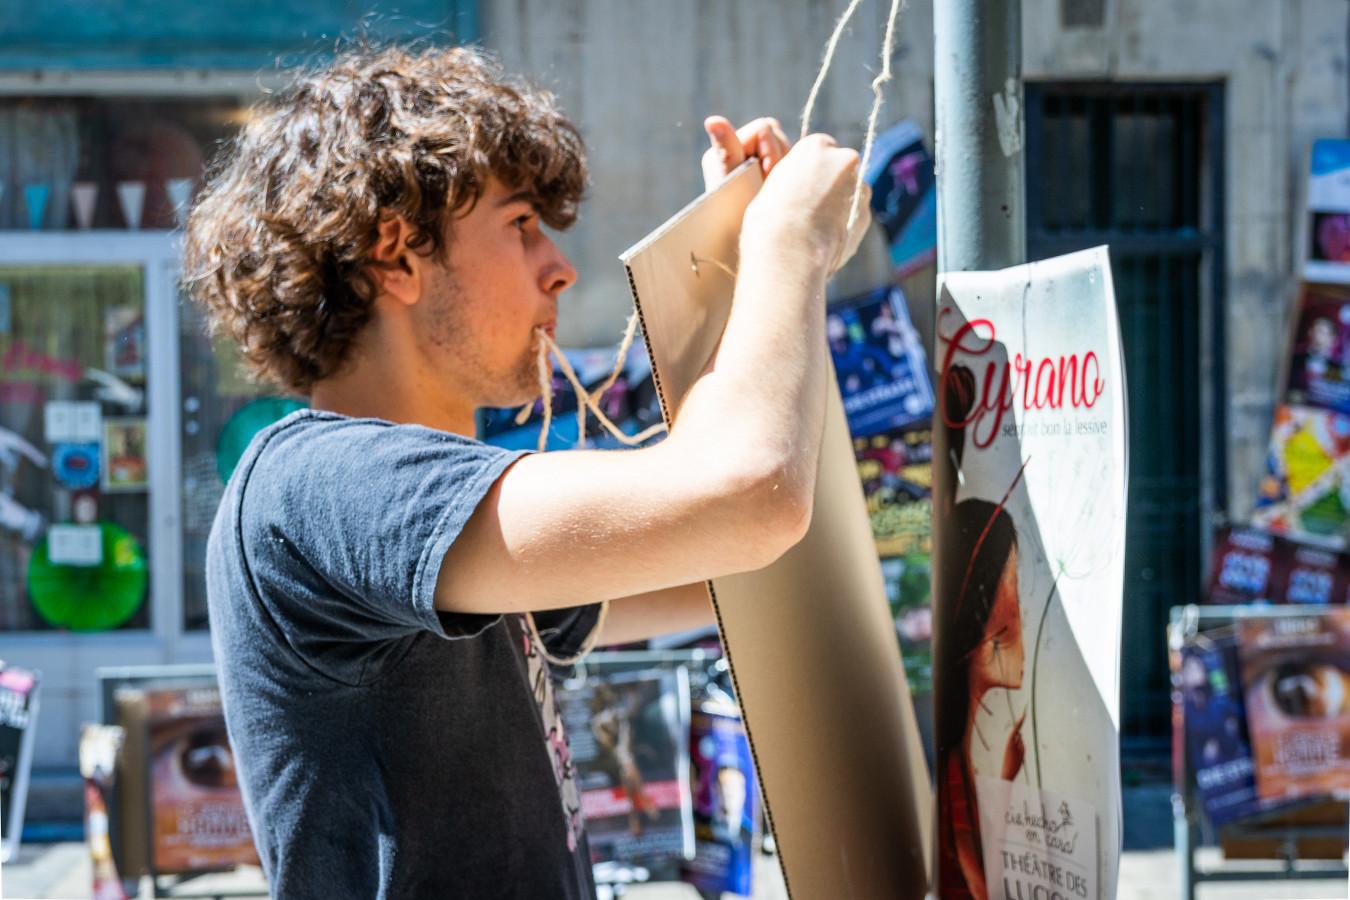 Affichage d'un support rigide avec une ficelle au festival d'Avignon 2018.